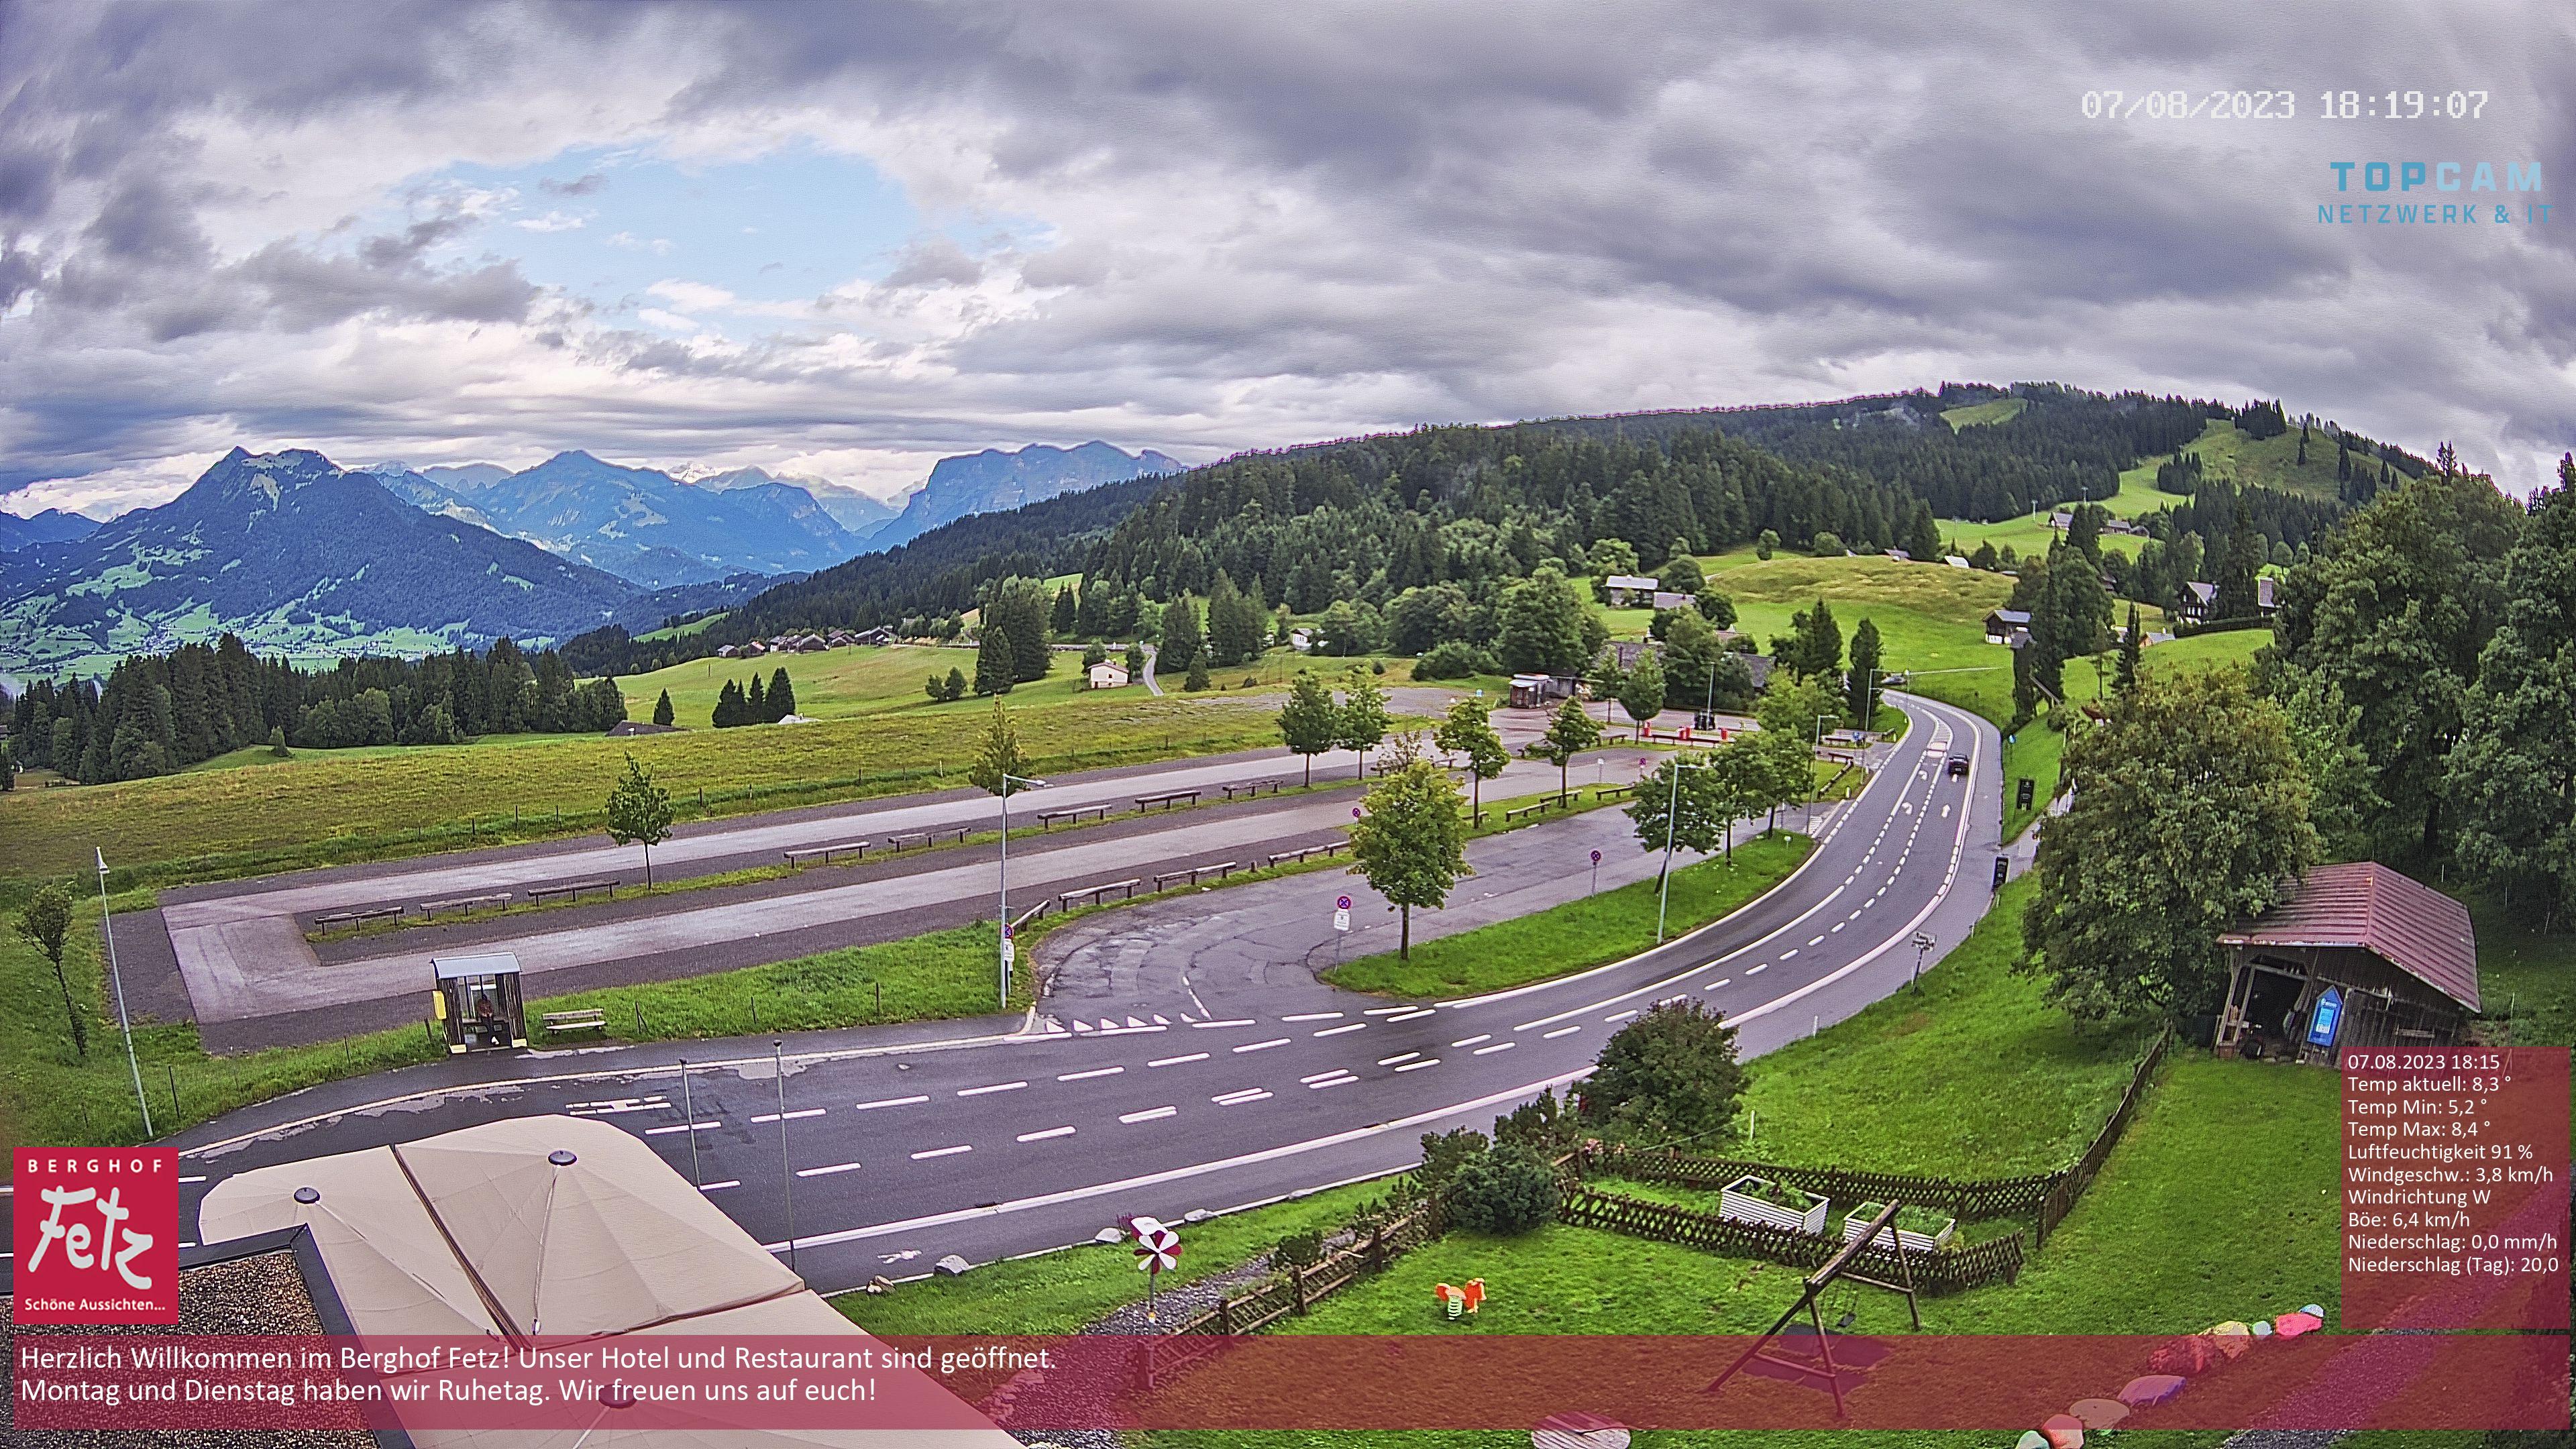 Berghof Fetz Livecam